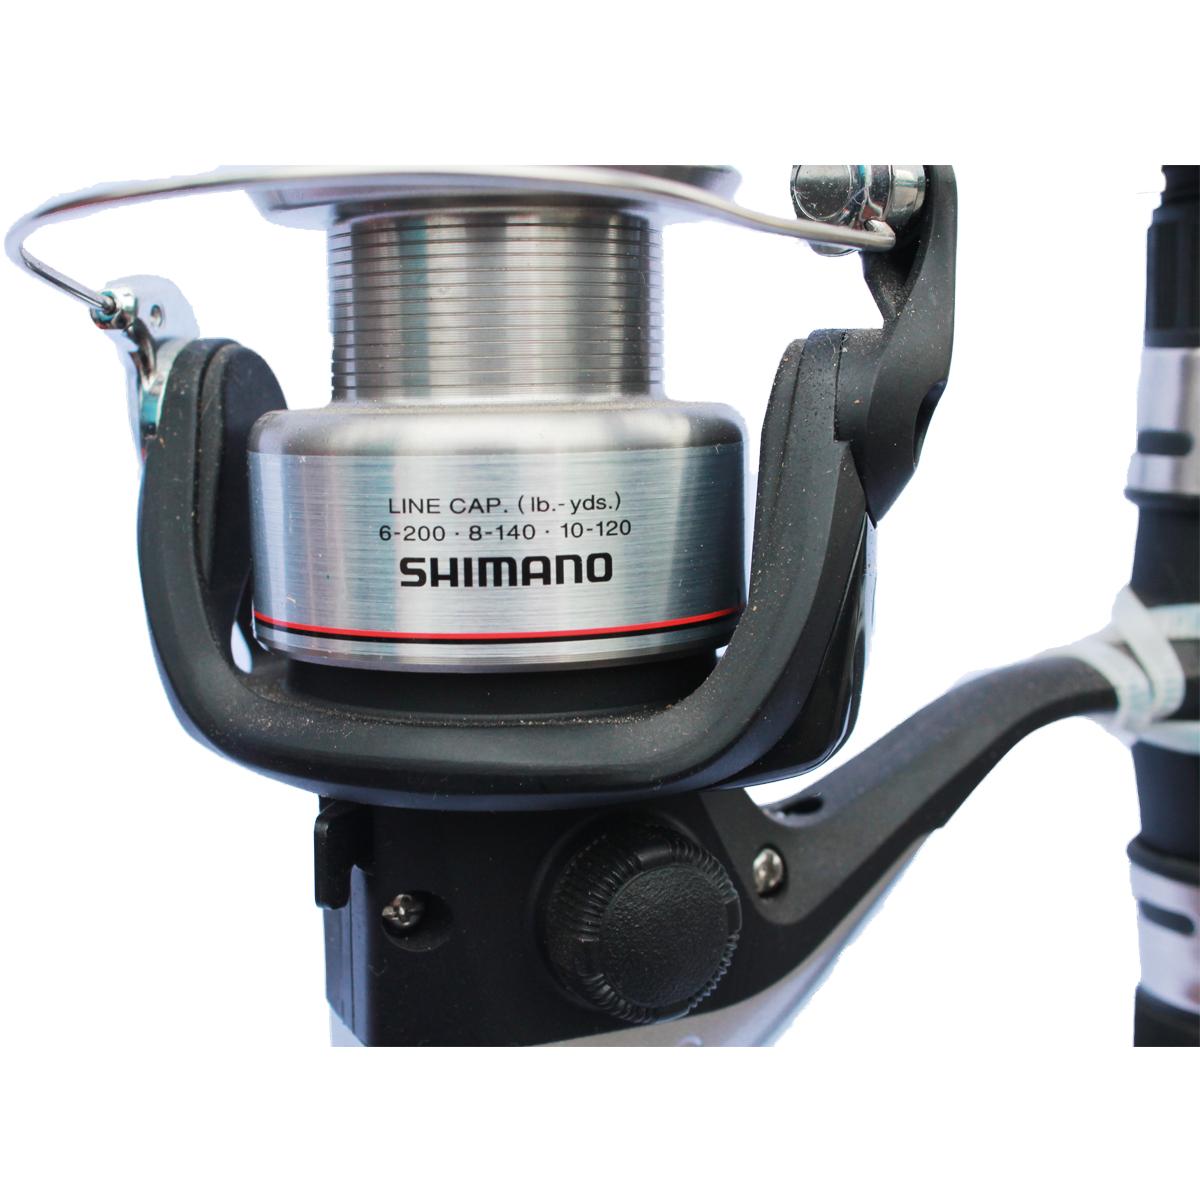 Trọn Bộ Cần Câu Shimano Ax 2702 Và Máy Câu Shimano FX 2500FB